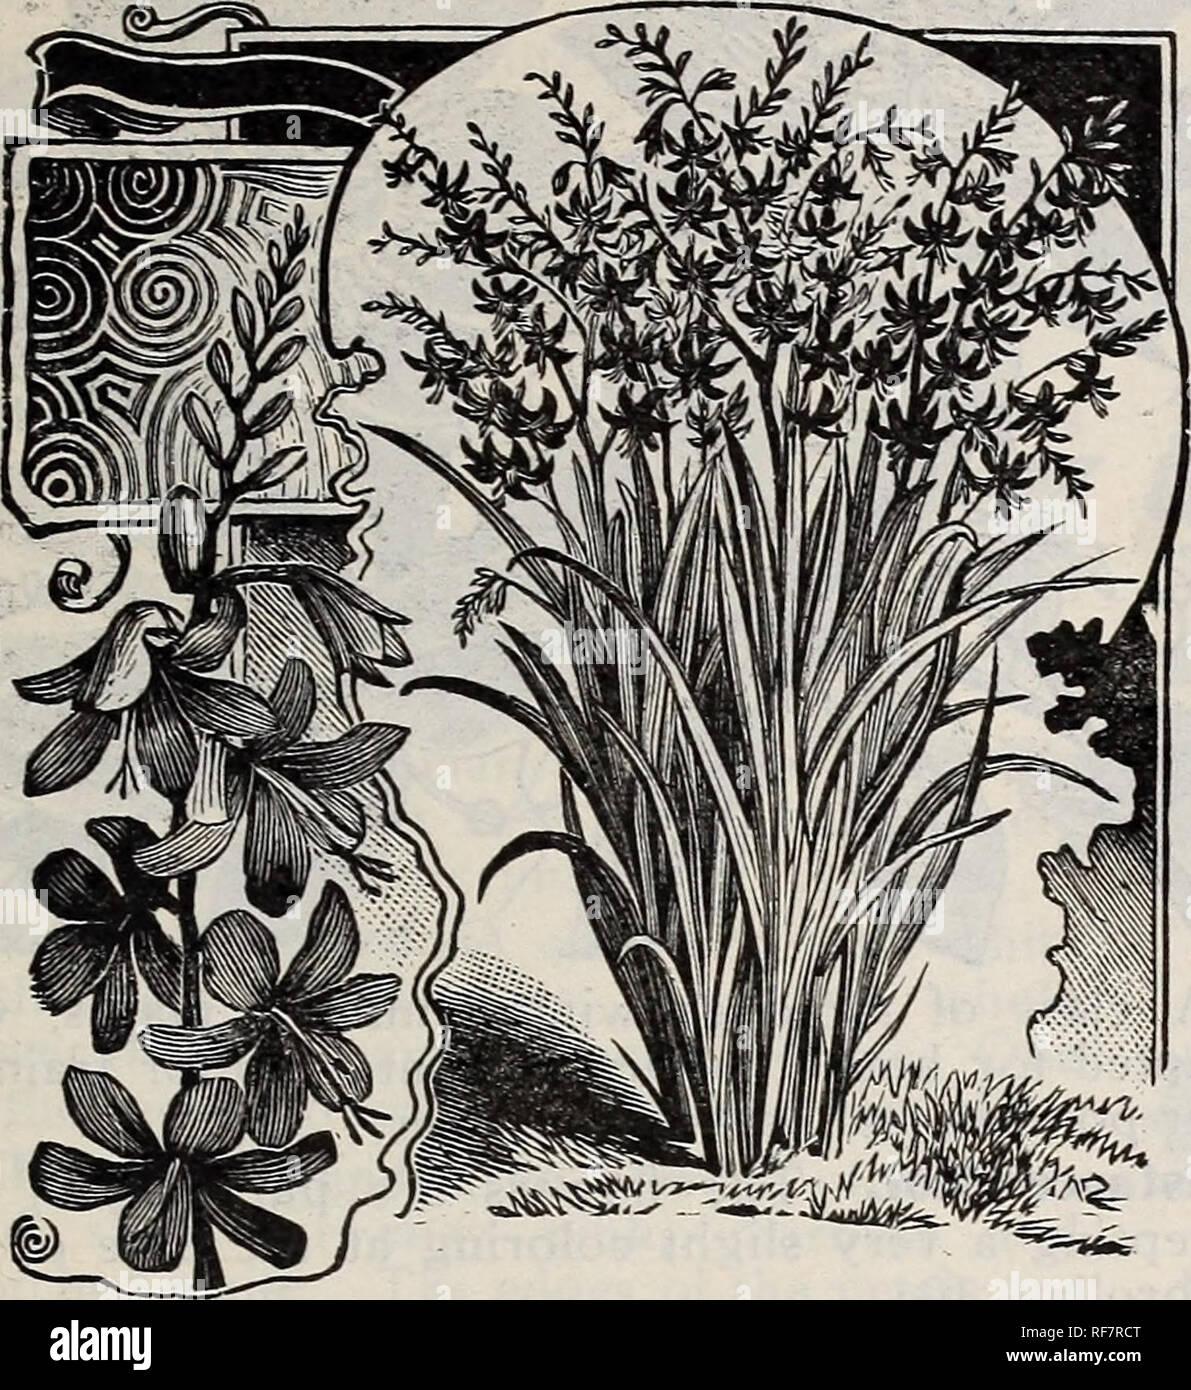 Frühjahr 1900 Baumschulen Ohio Painesville Kataloge Gemüse Samen